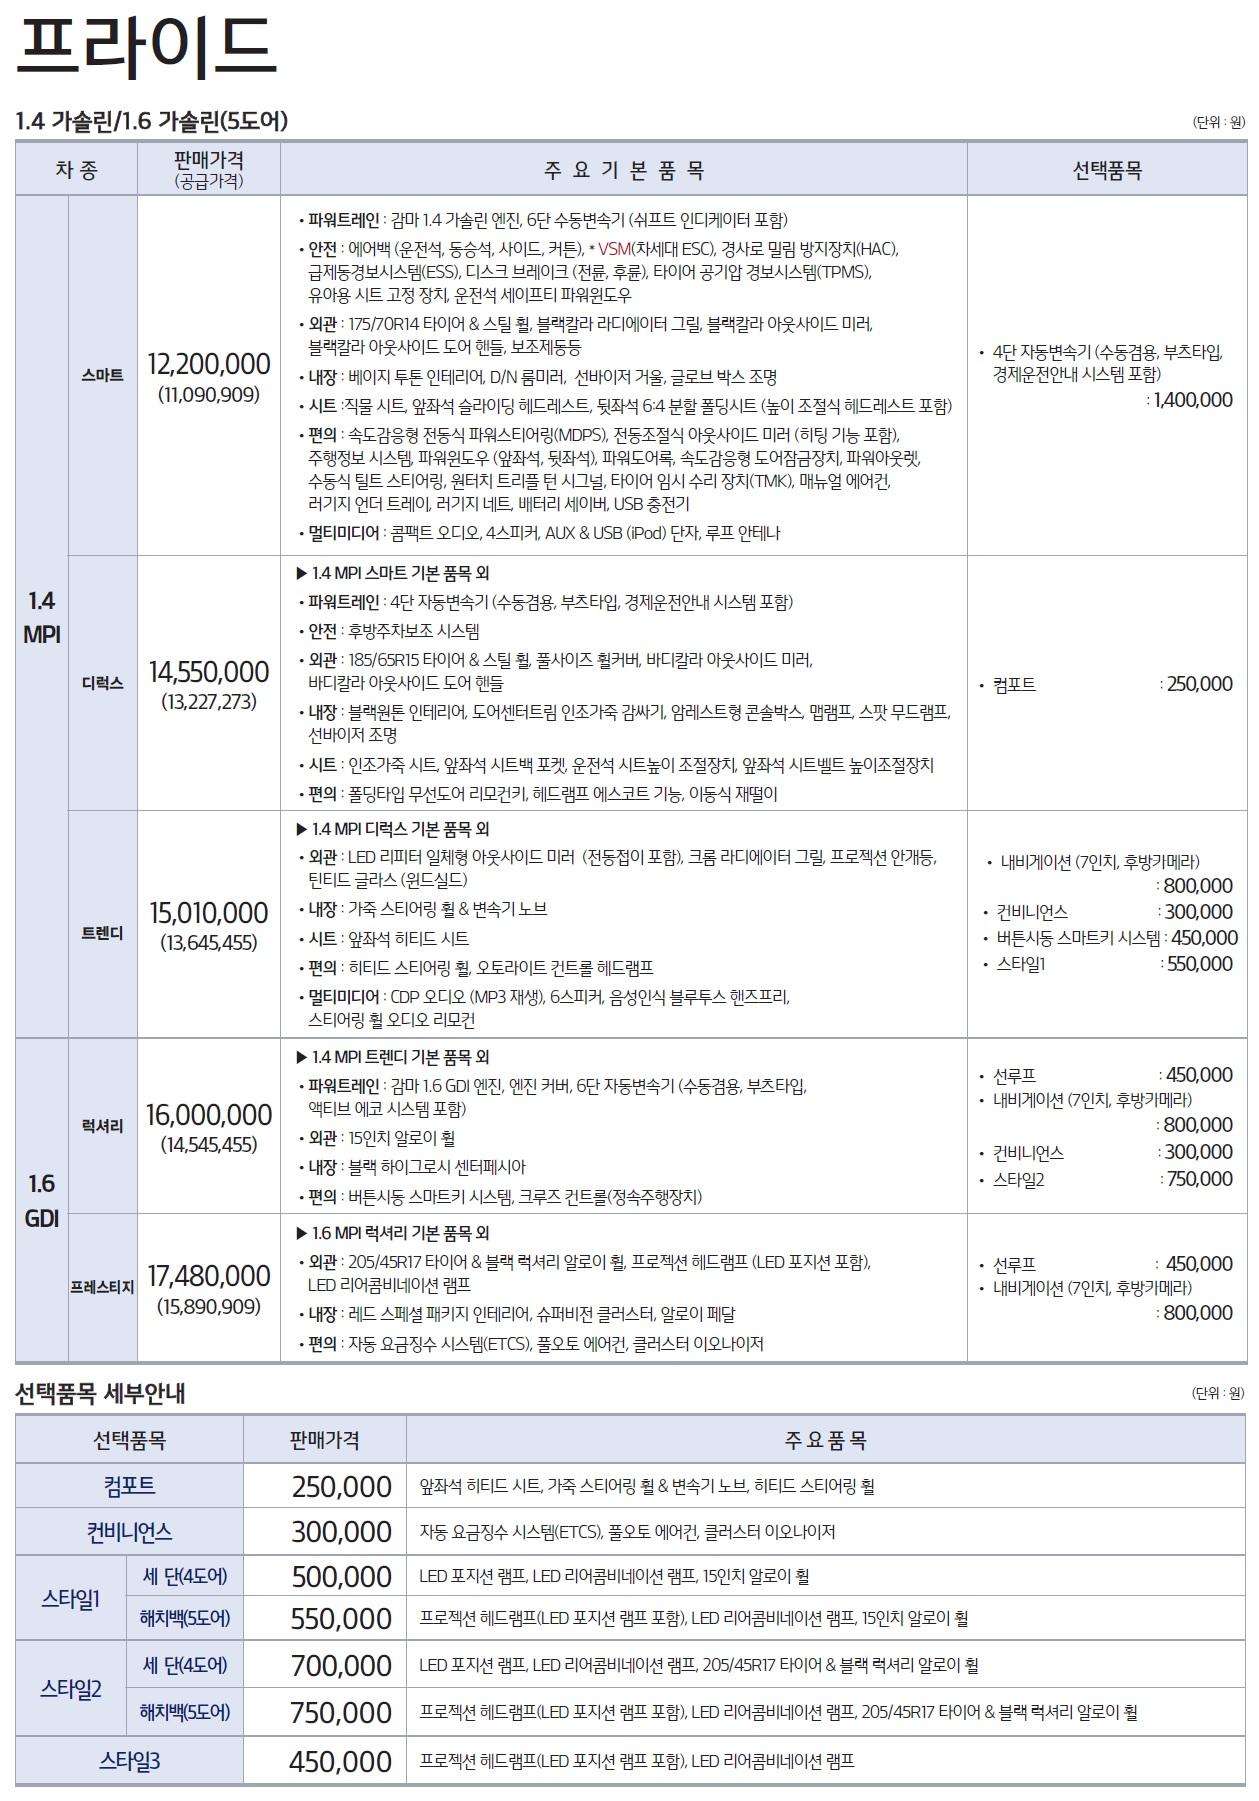 프라이드 가격표 - 2017년 01월 -2.jpg